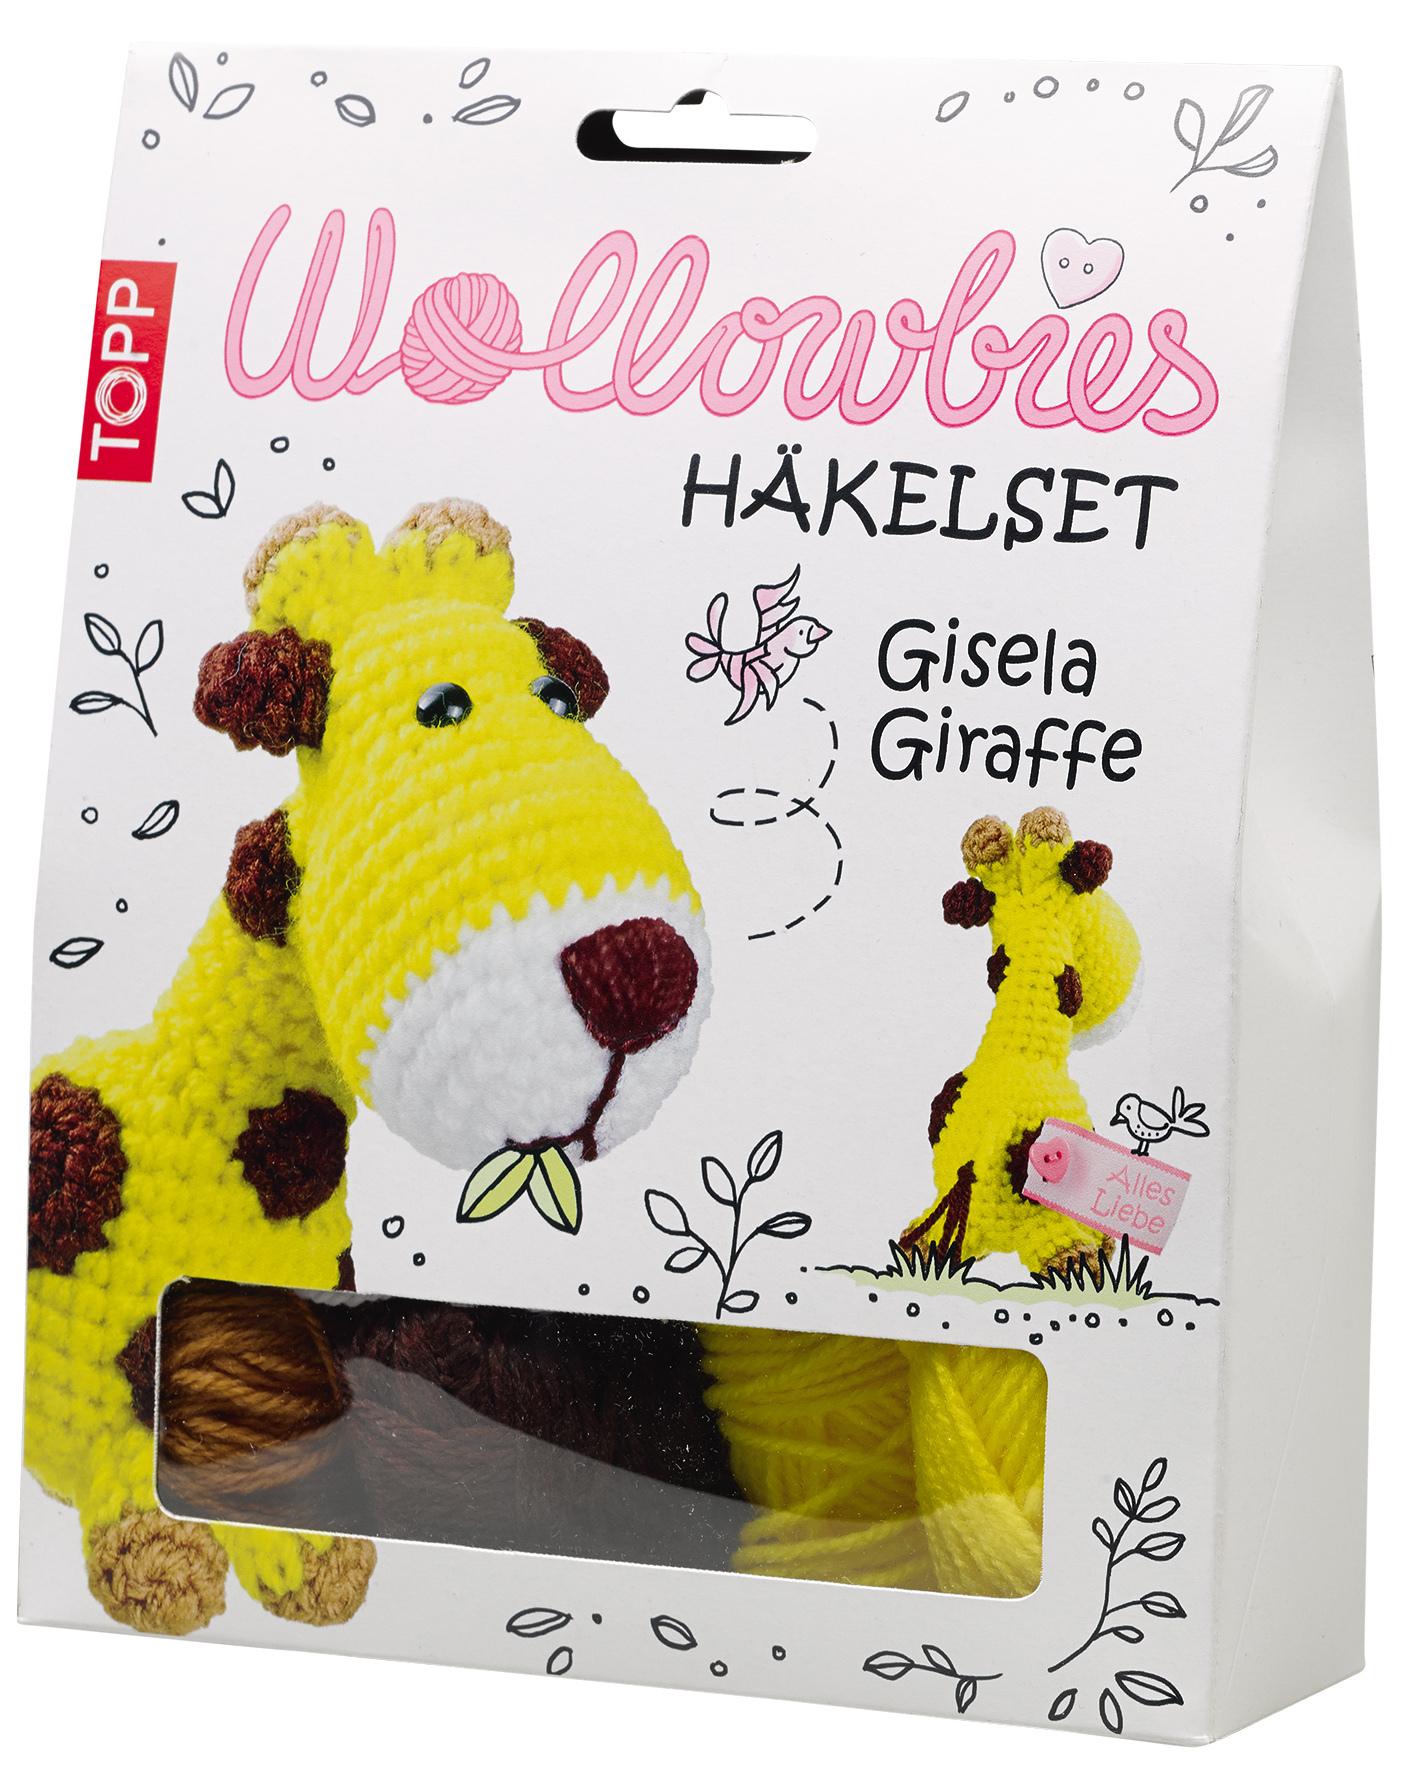 Wollowbies Häkelset Gisela Giraffe Geschenke Unter 10 Topp